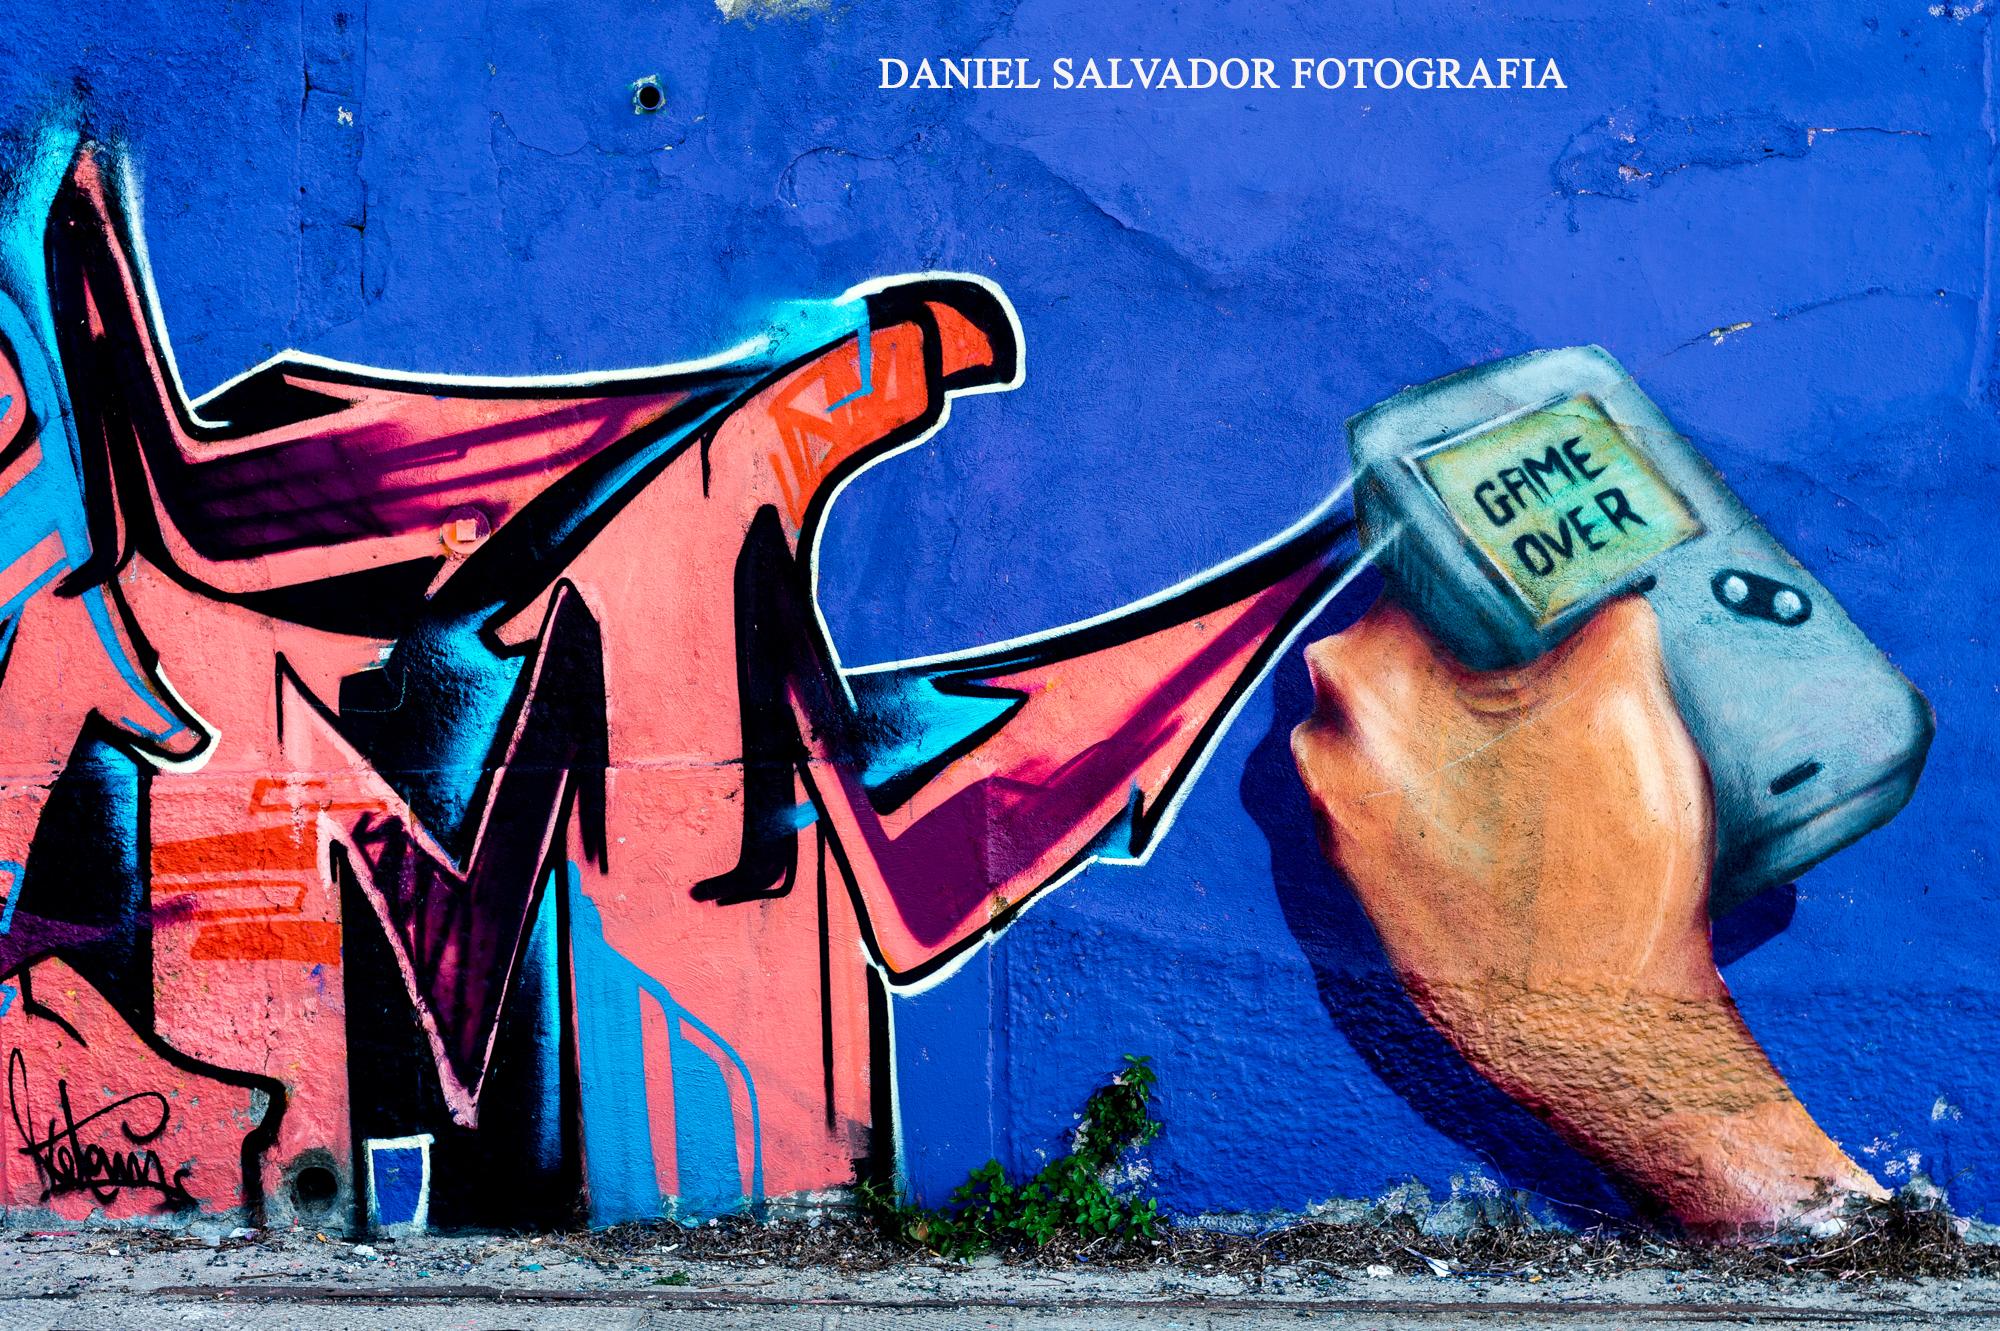 Grafitis. Lisboa (Portugal) ©Daniel Salvador Fotografía